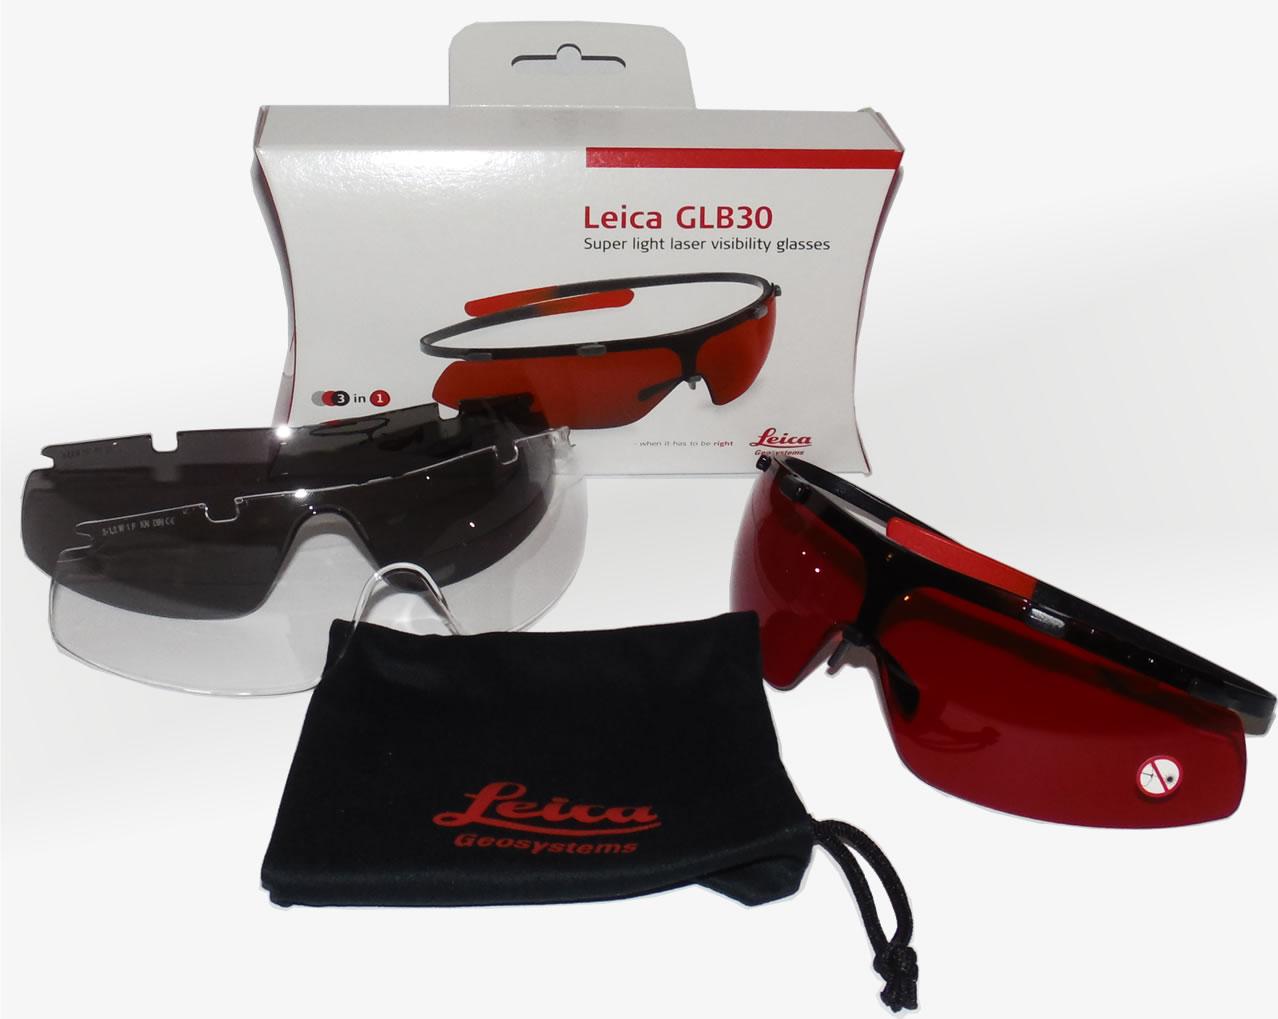 Leica GLB30 lézeres szemüveg